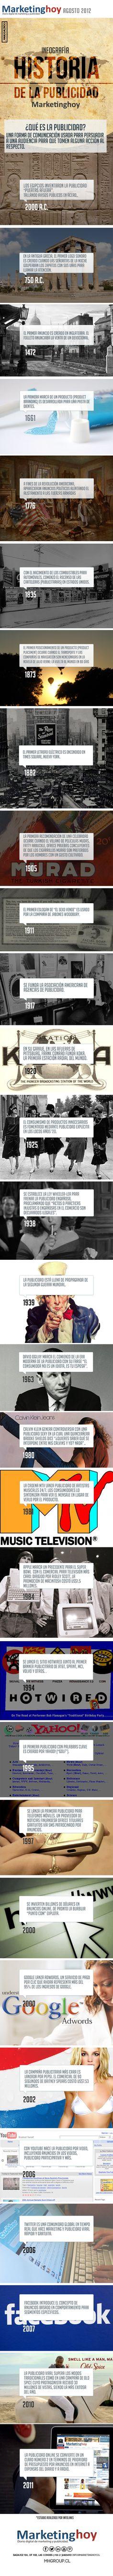 Infografía en español que muestra la historia de la publicidad